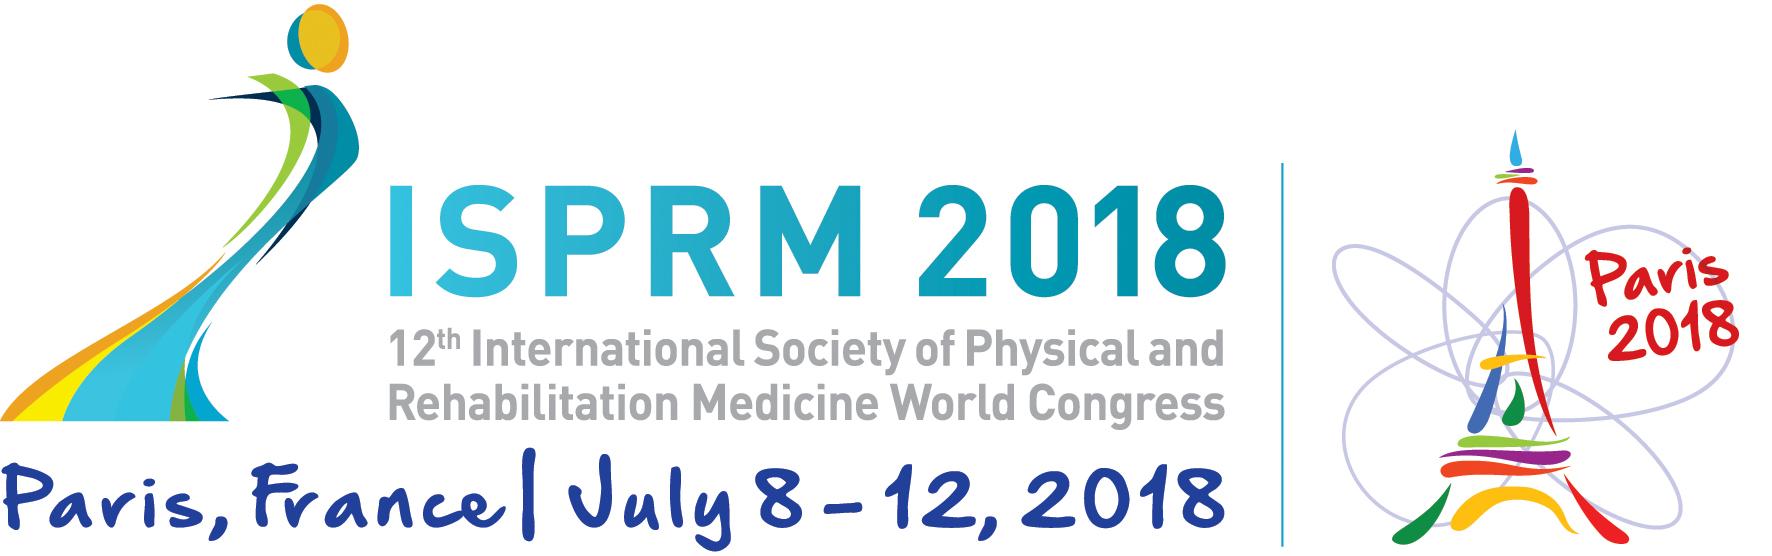 ISPRM 2018 logo